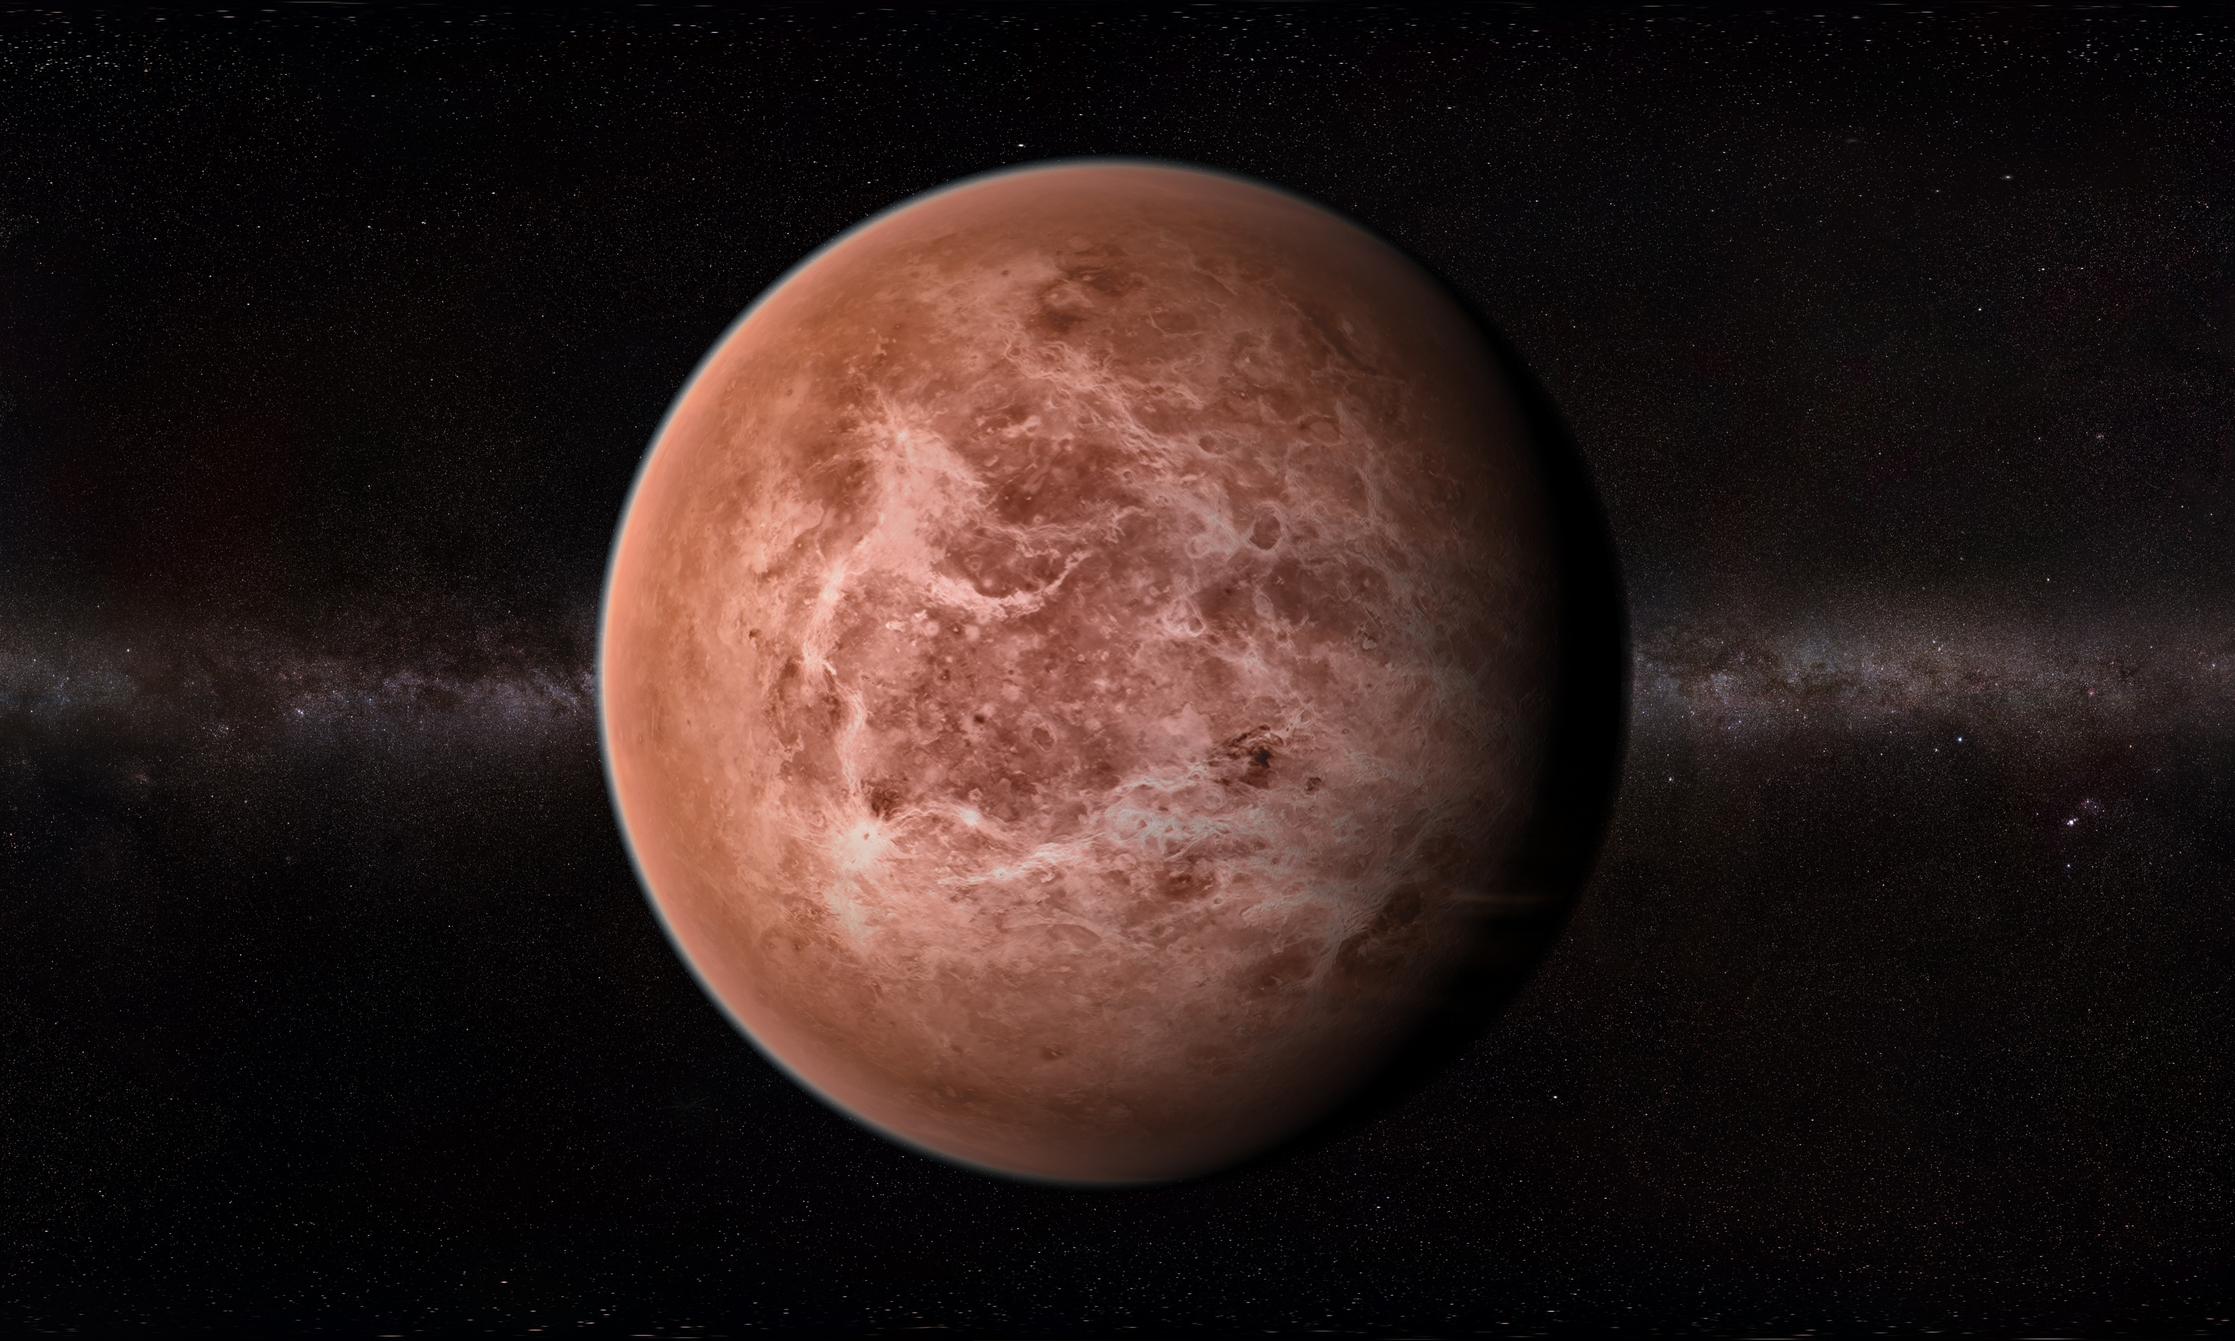 Планета Венера: что мы о ней знаем?.Вокруг Света. Украина